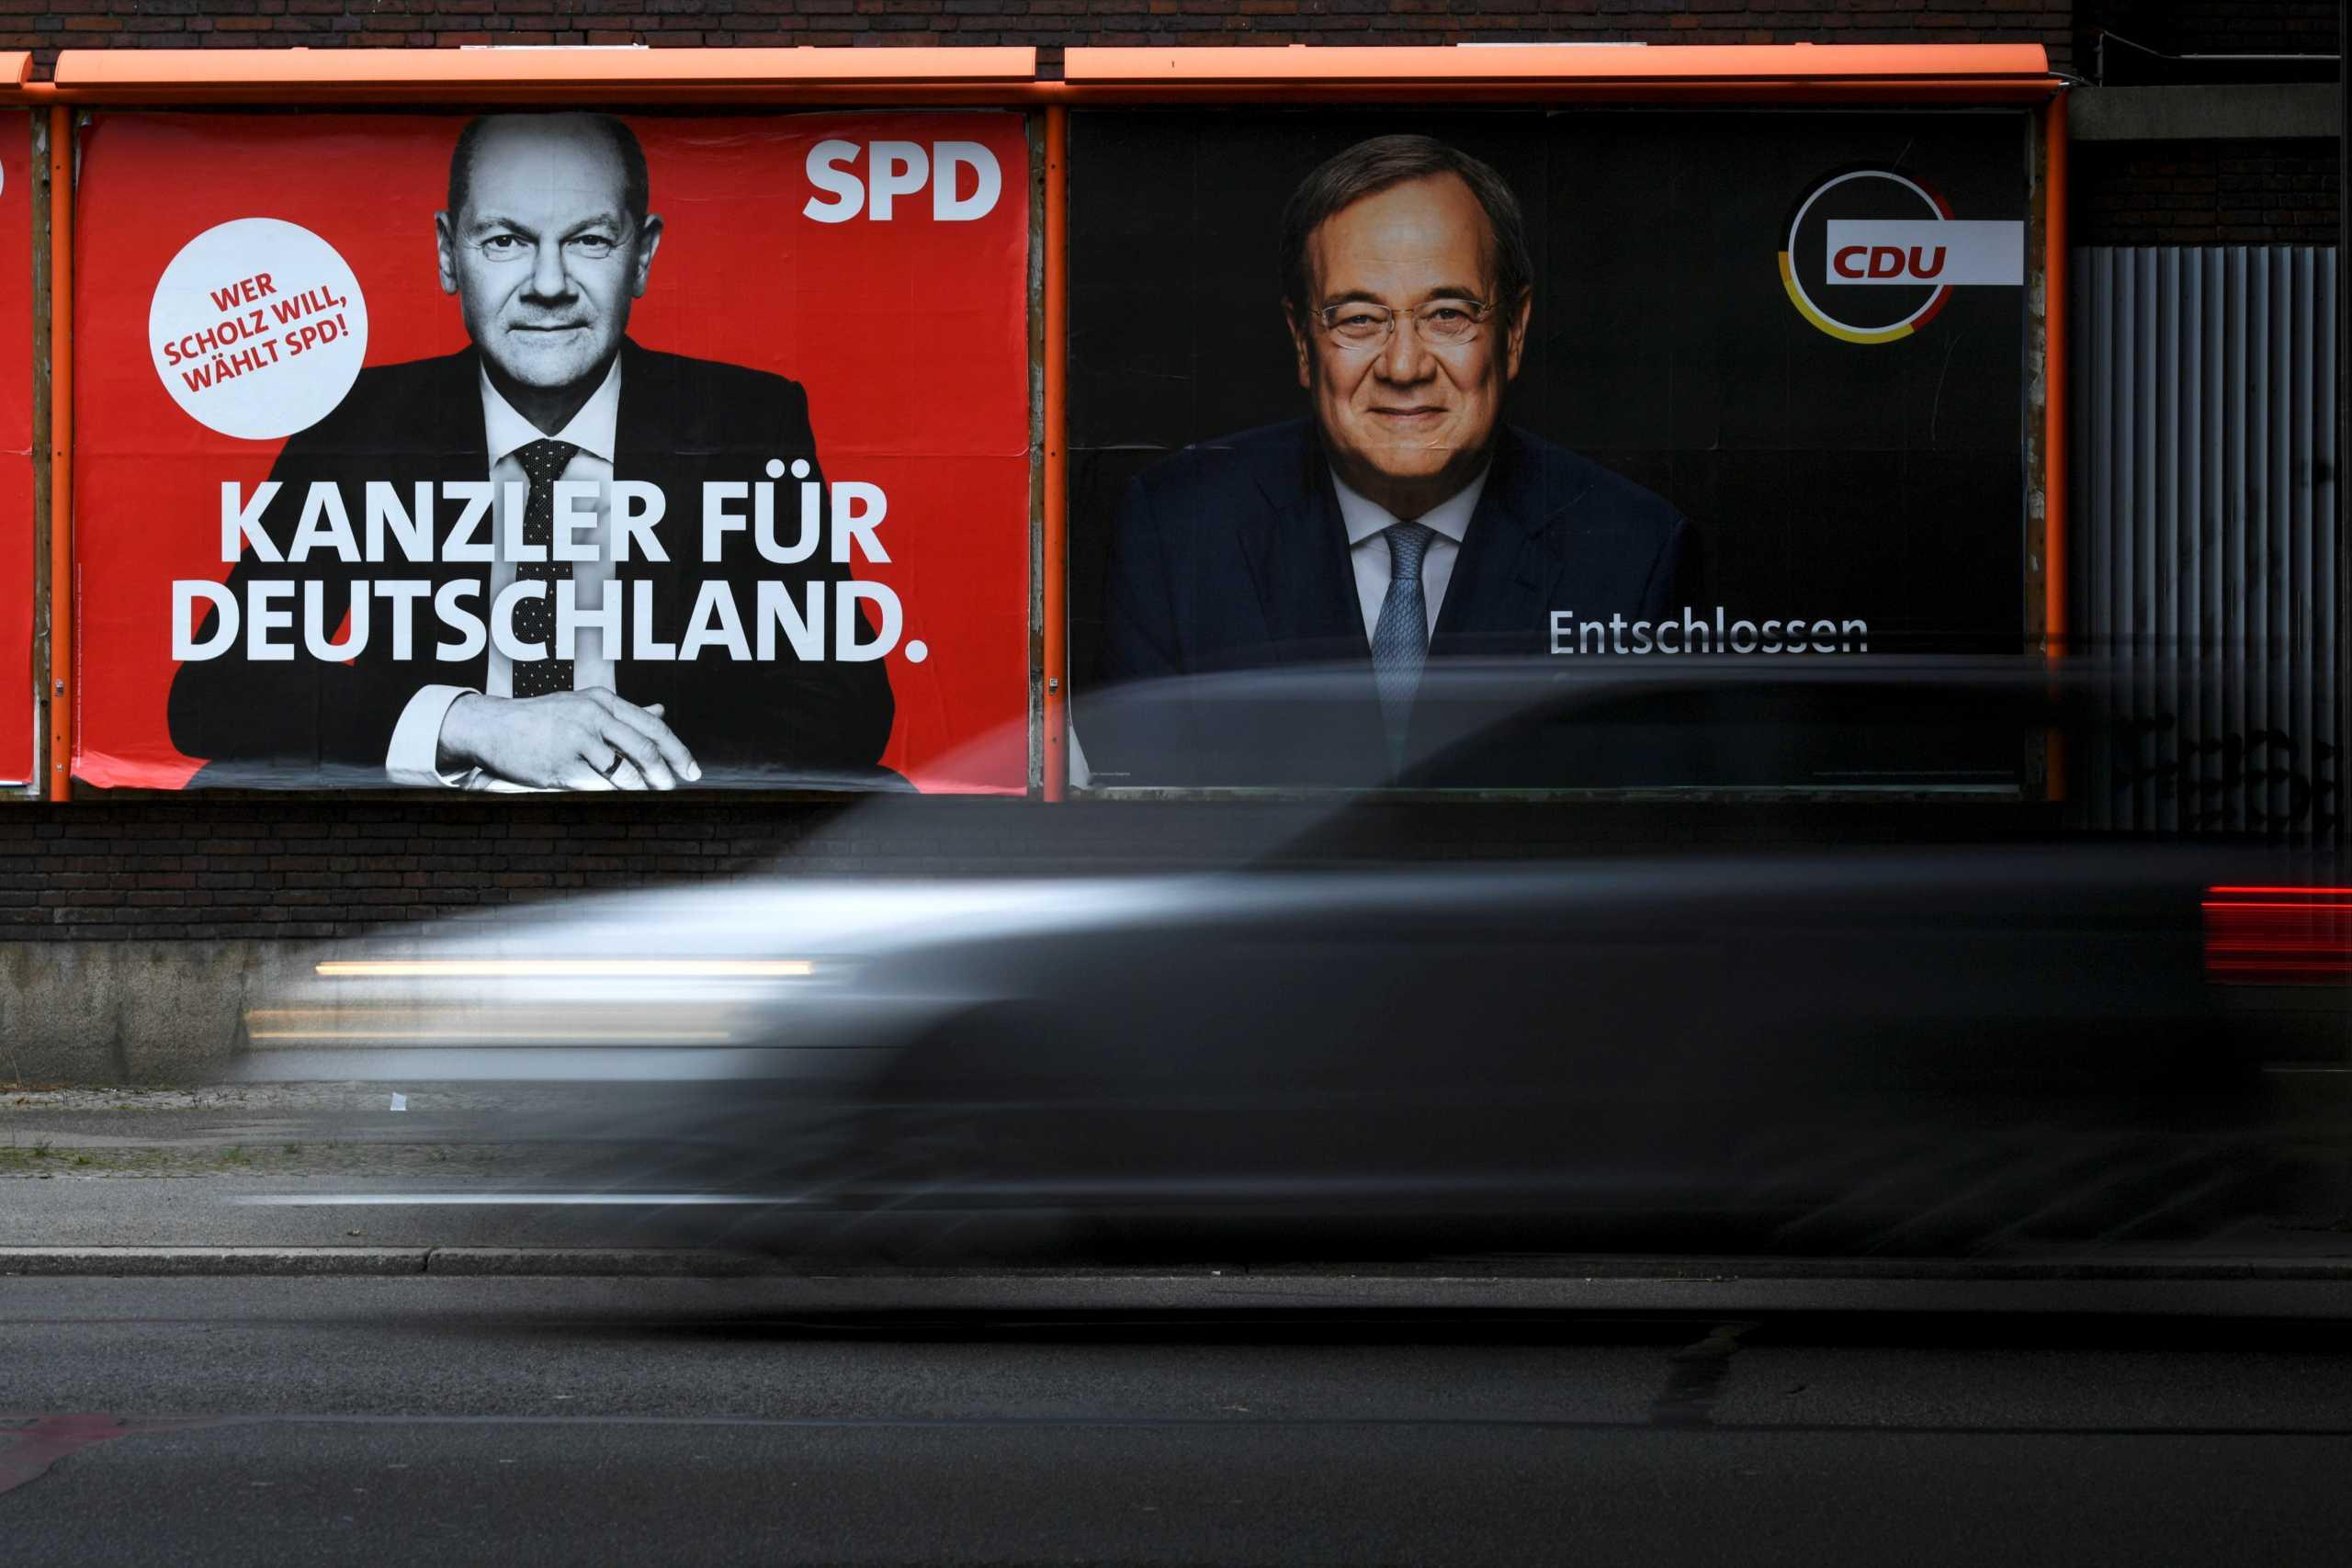 Εκλογές στην Γερμανία: Ο φόβος μιας «αριστερής» στροφής στέλνει τα λεφτά των εκατομμυριούχων στην Ελβετία